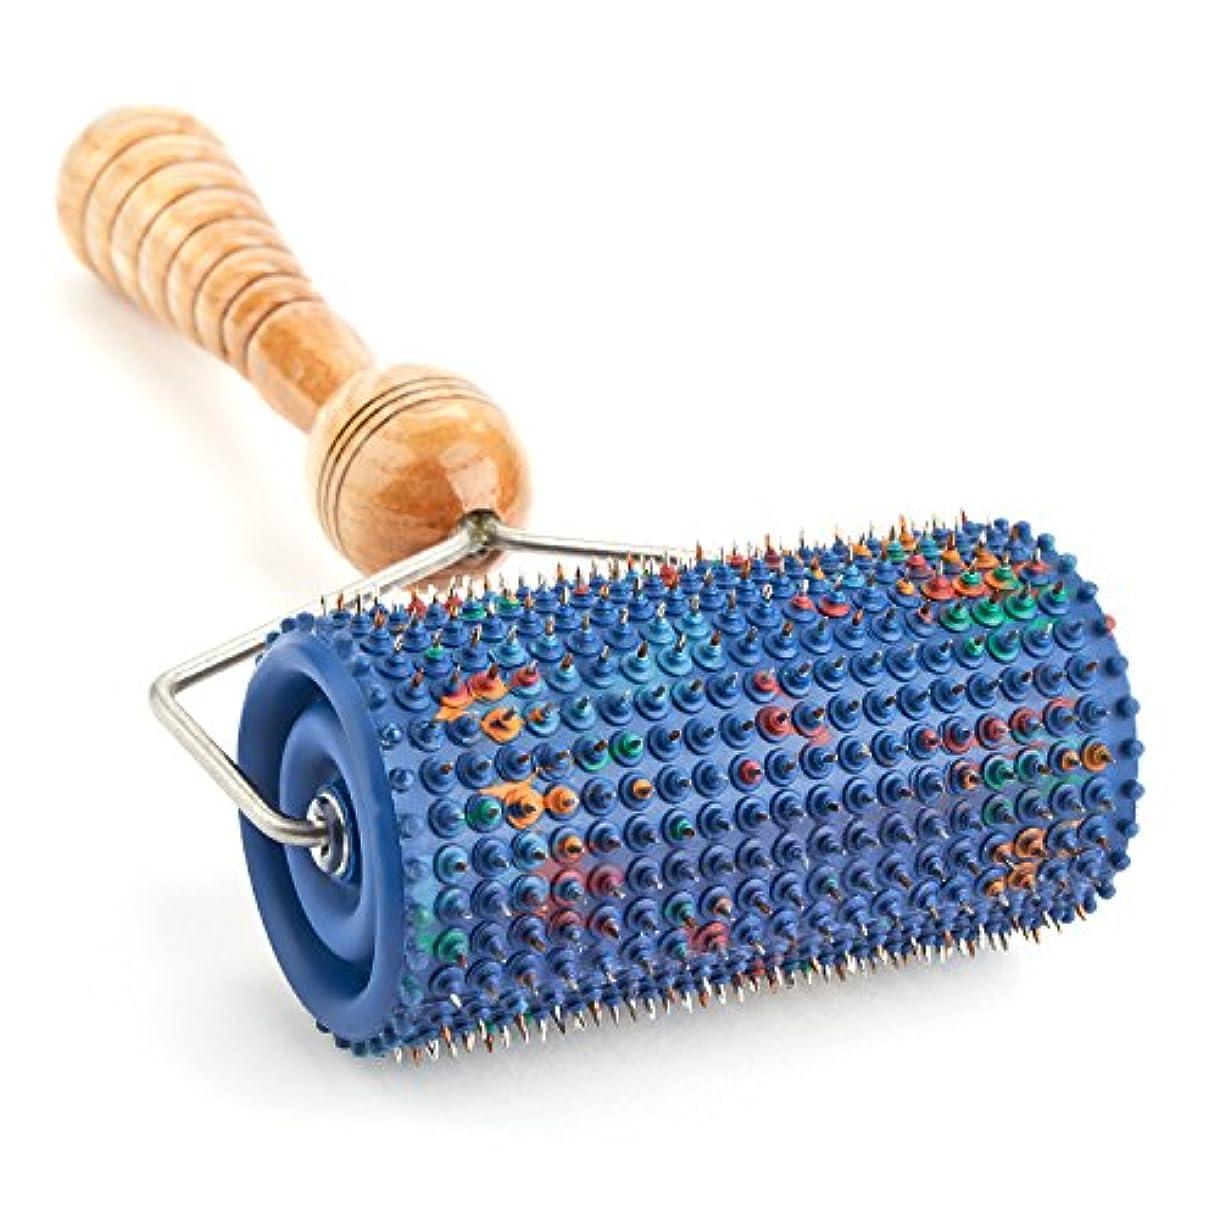 こだわり飼料百科事典LYAPKOビッグローラーマッサージャー5.0 シルバーコーティング 指圧570針使用。体の広範囲のマッサージ用。ユニークなアプリケーター治療 セルフ ダイナミック マッサージ ツール Big Roller Massager...